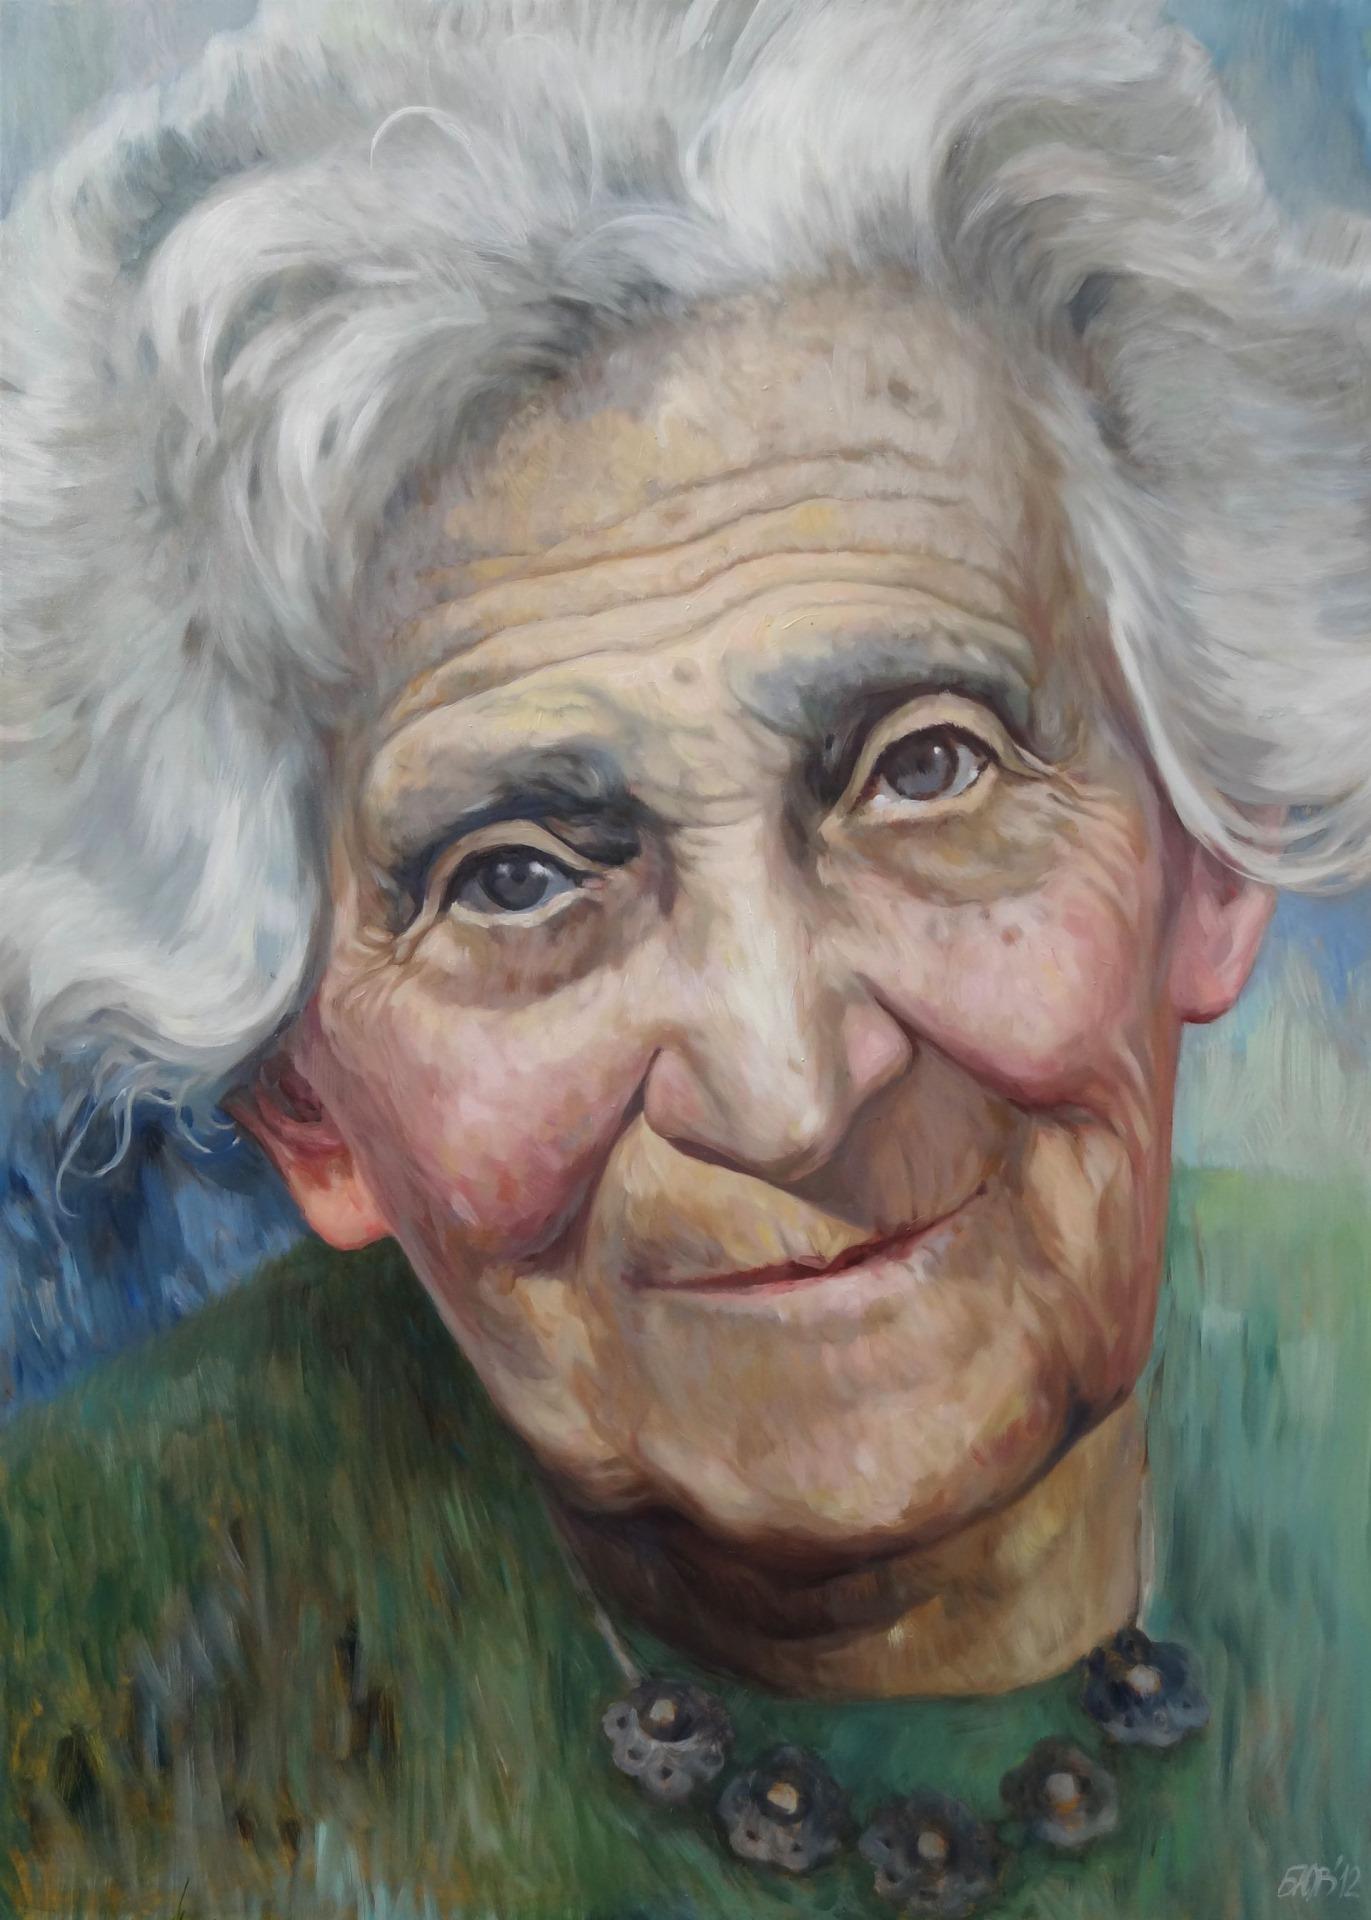 Gemälde von Julia Belot: Rahel Straus, Öl auf Leinwand, 140 cm x 100 cm, 2012